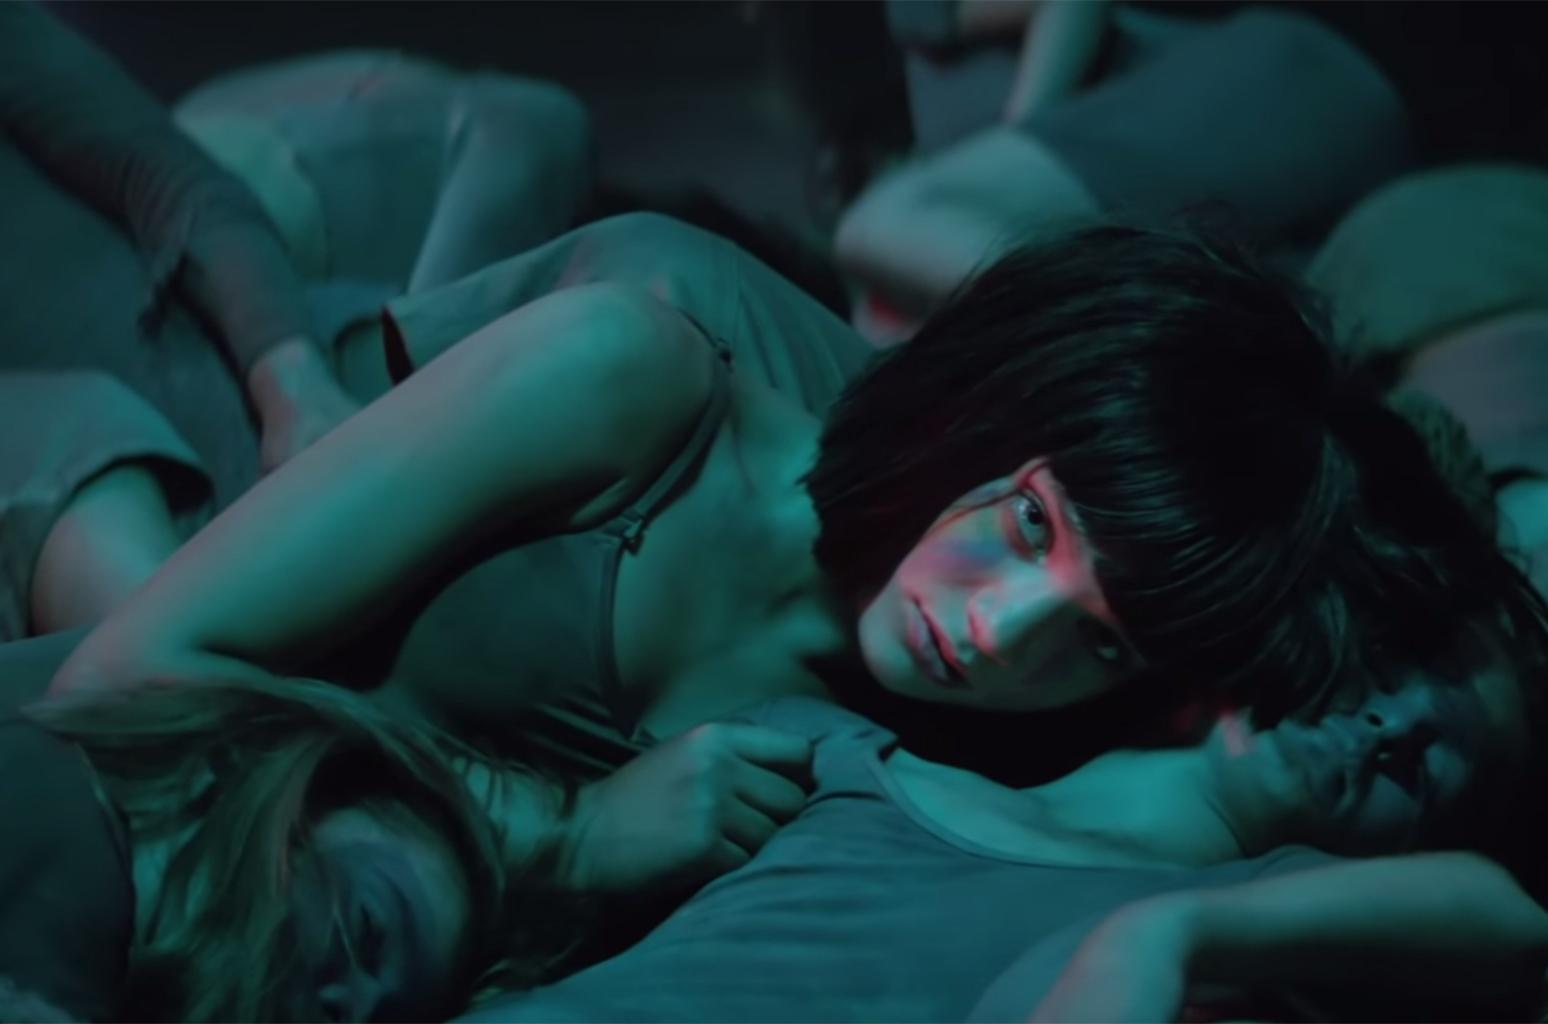 The Greatest - Sia: Testo (lyrics), traduzione e video